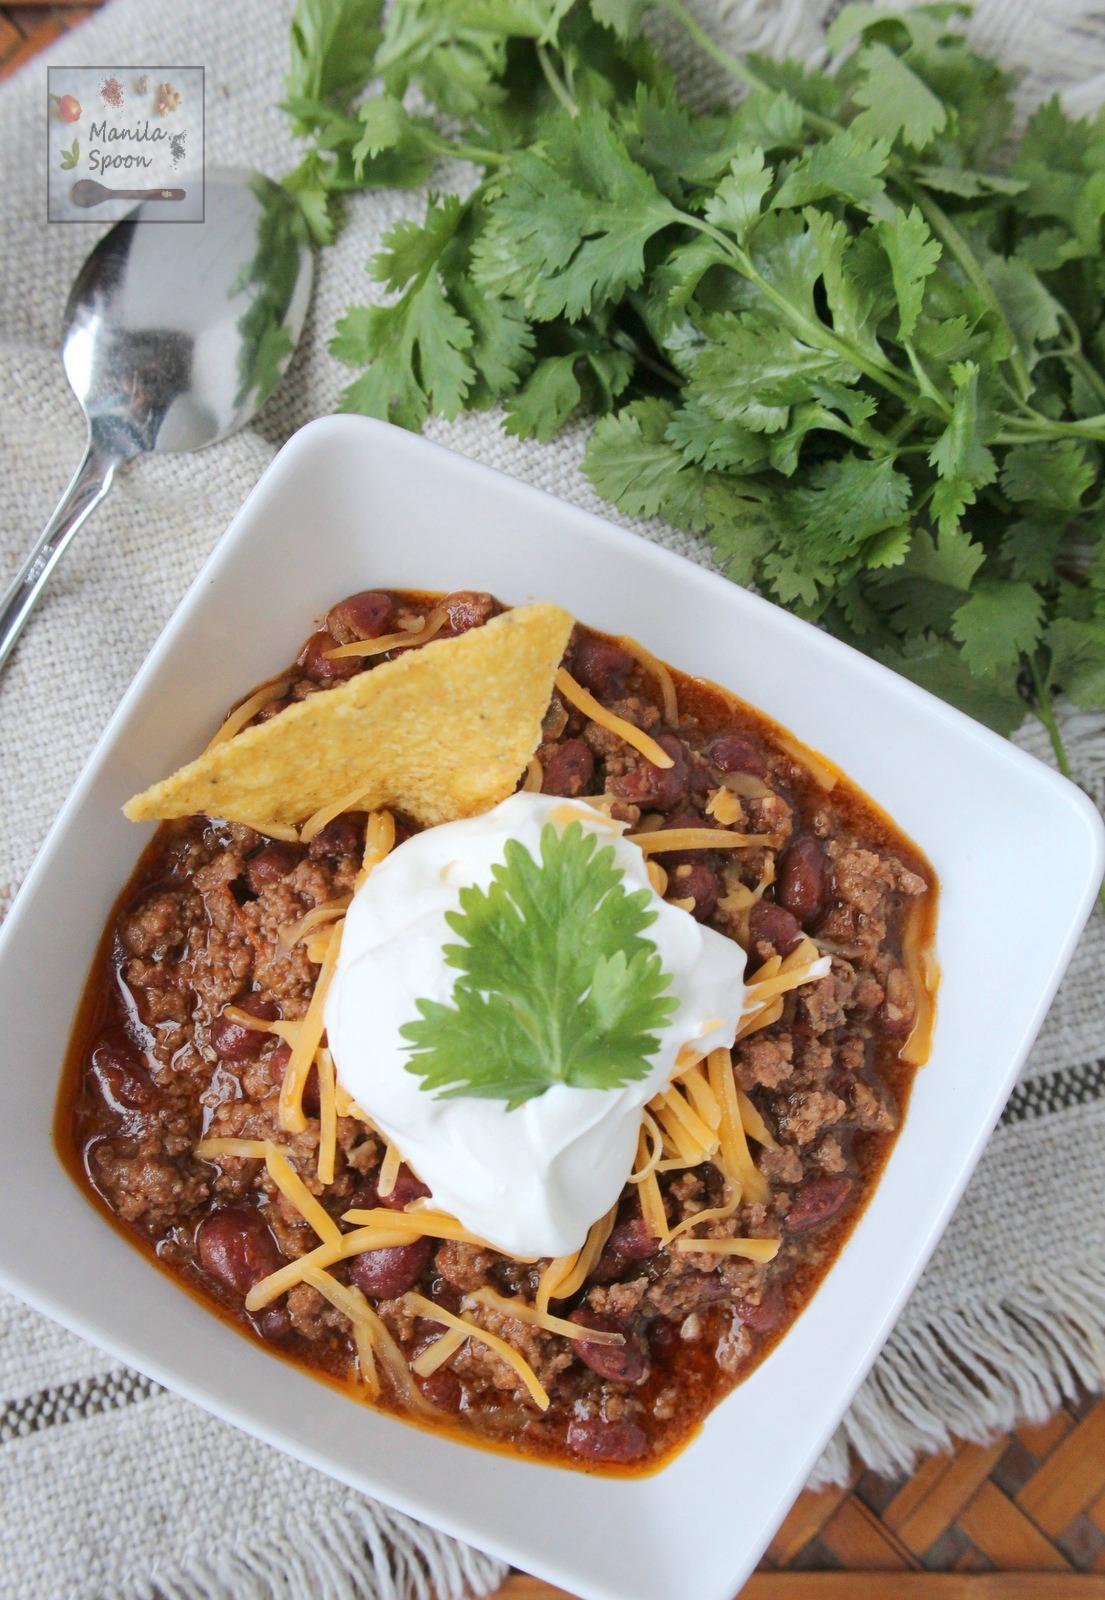 5 Easy And Delicious Chili Recipes Manila Spoon